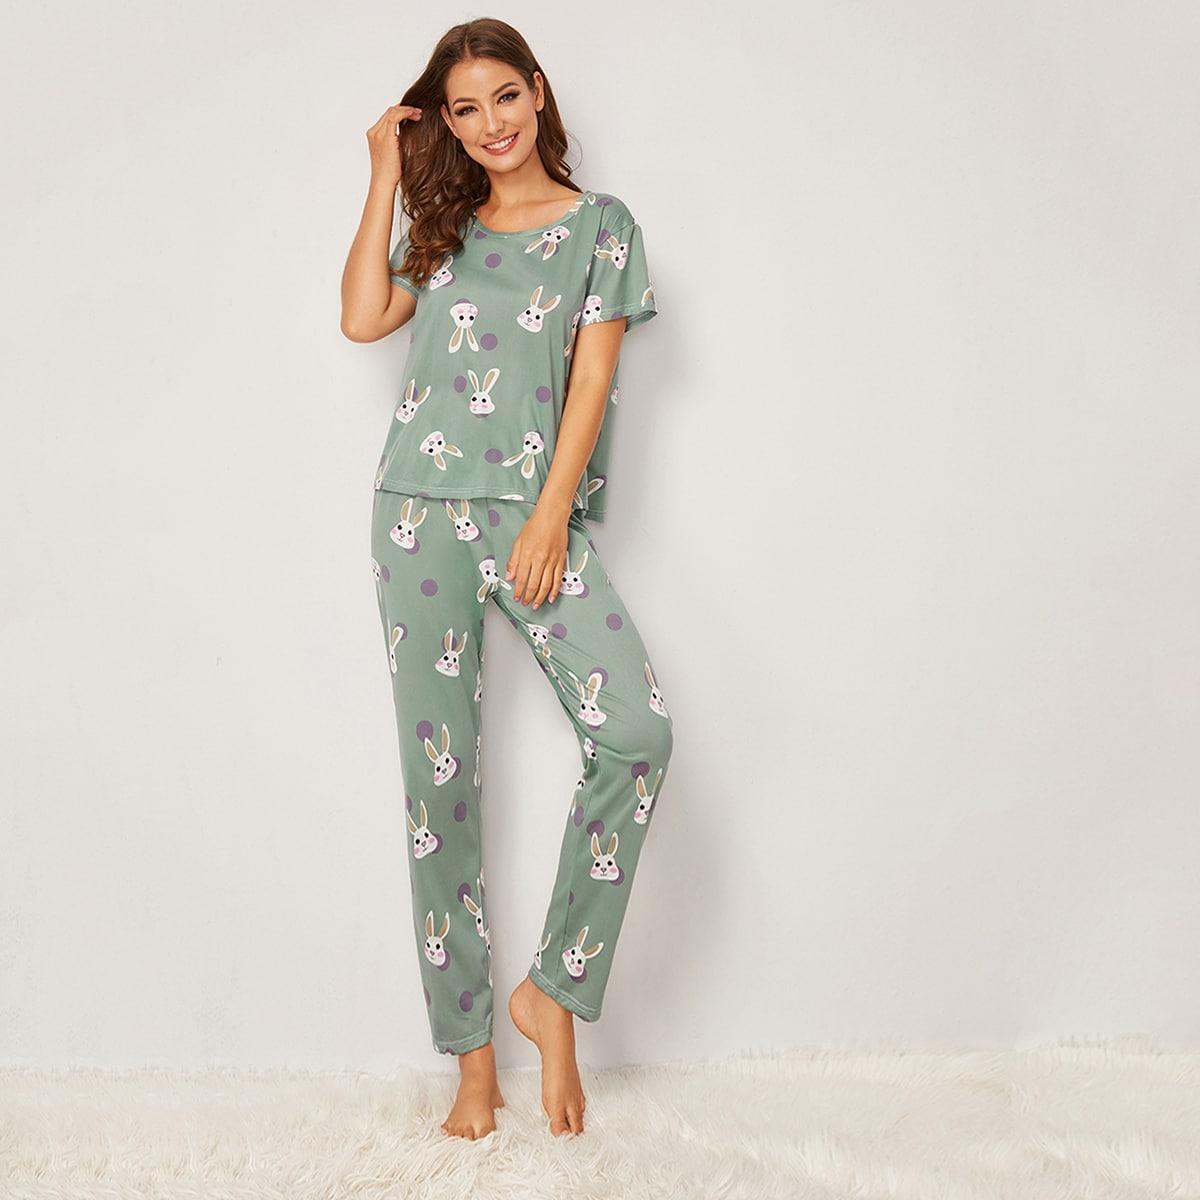 Пижама в горошек с графическим принтом